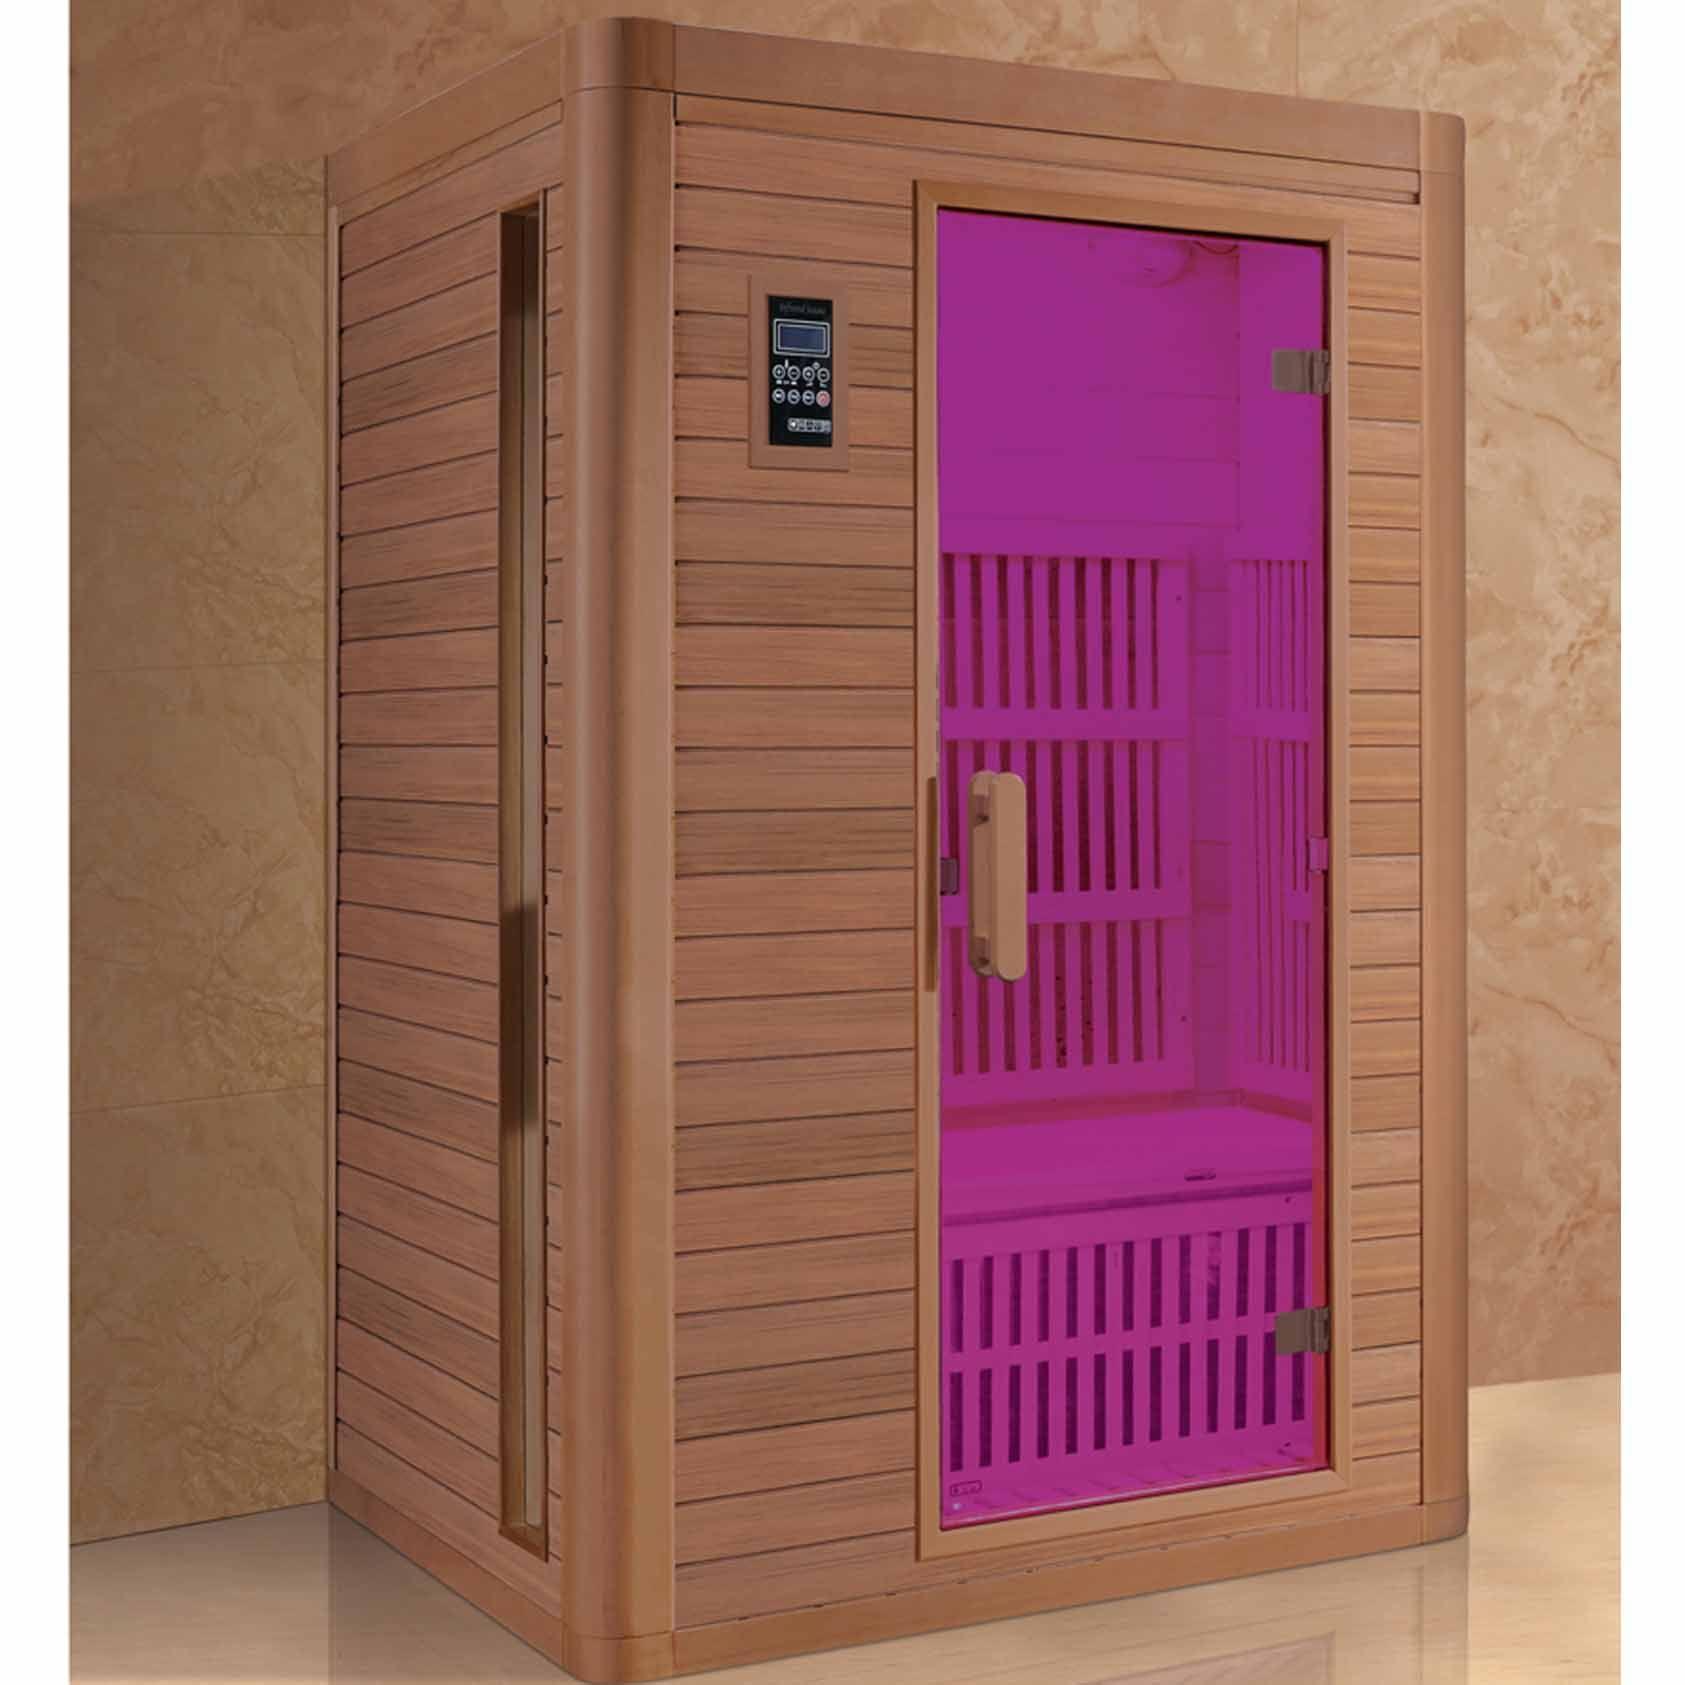 Holz-Saunaraum Saunathermometer Hygrometer-Raum Gesundheitsbad Ferninfrarot Gesundheitsmassage Aerobic-Raumheizung Badmöbel